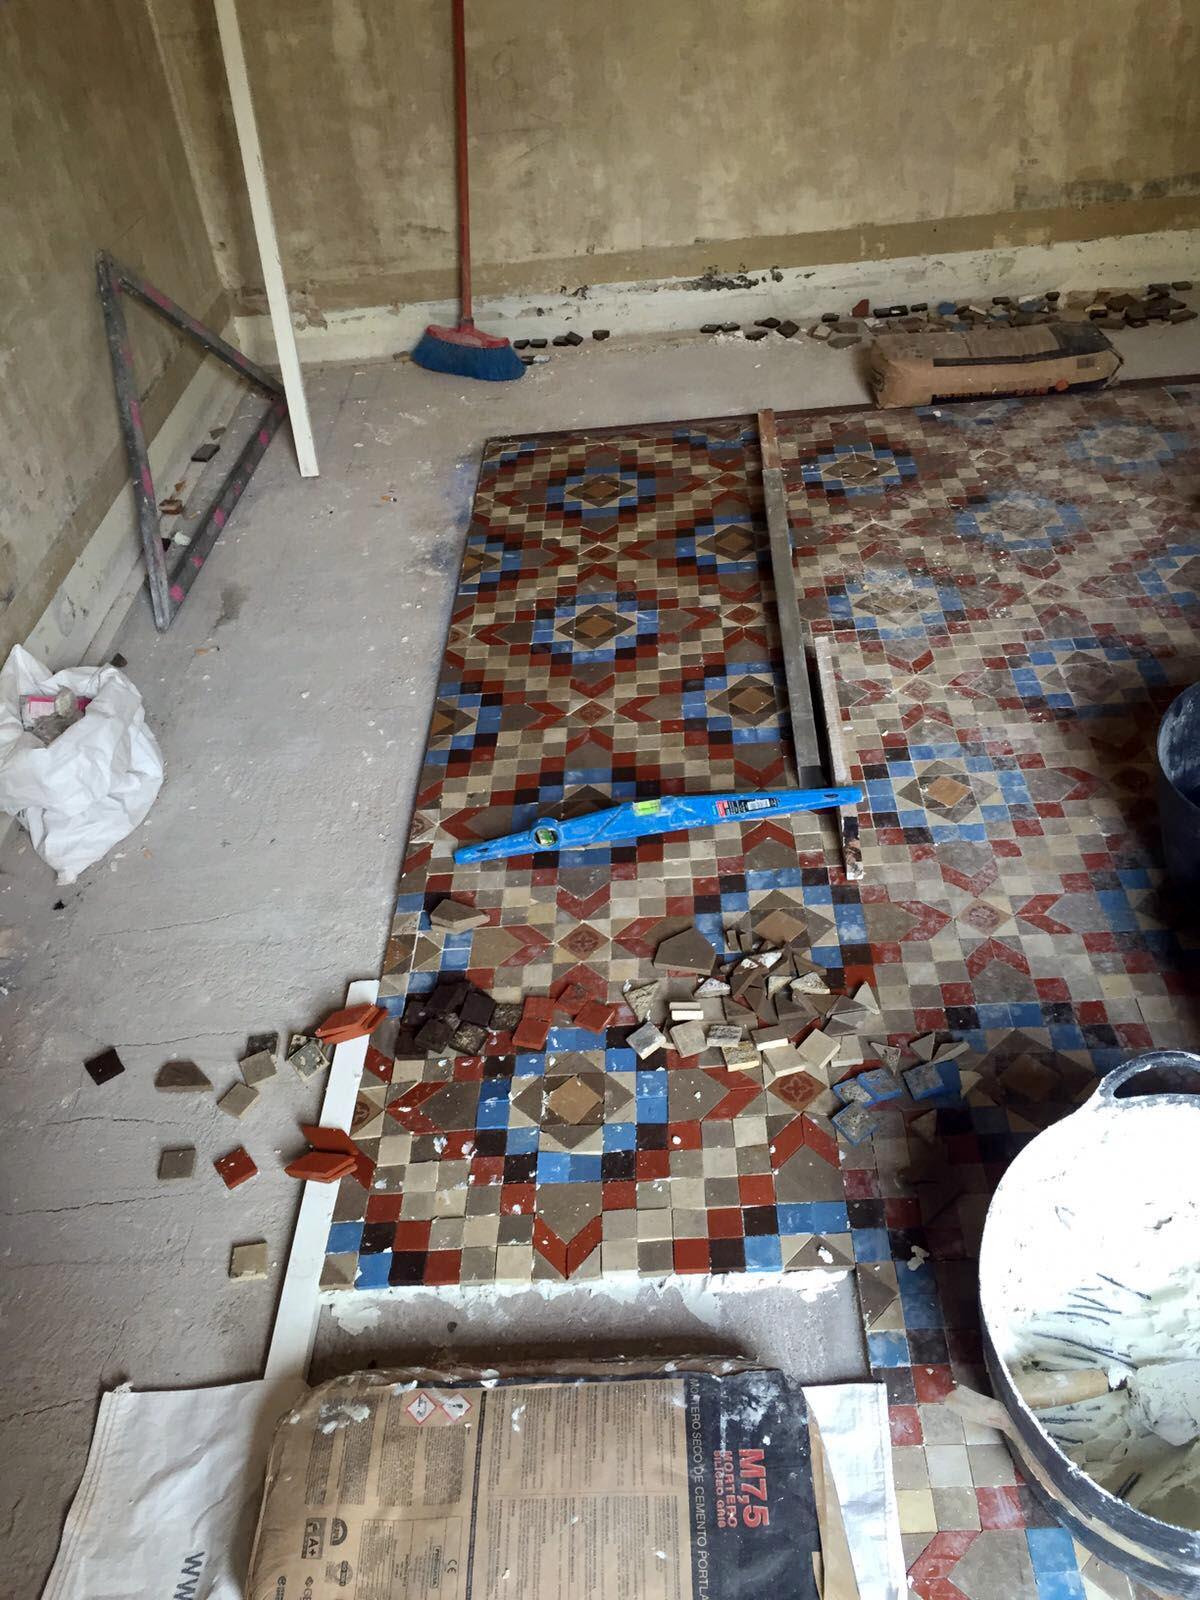 MosaicosBarcelona-Recuperacion-suelo-nolla-en-vivienda-calle-Trafalgar-Barcelona-20